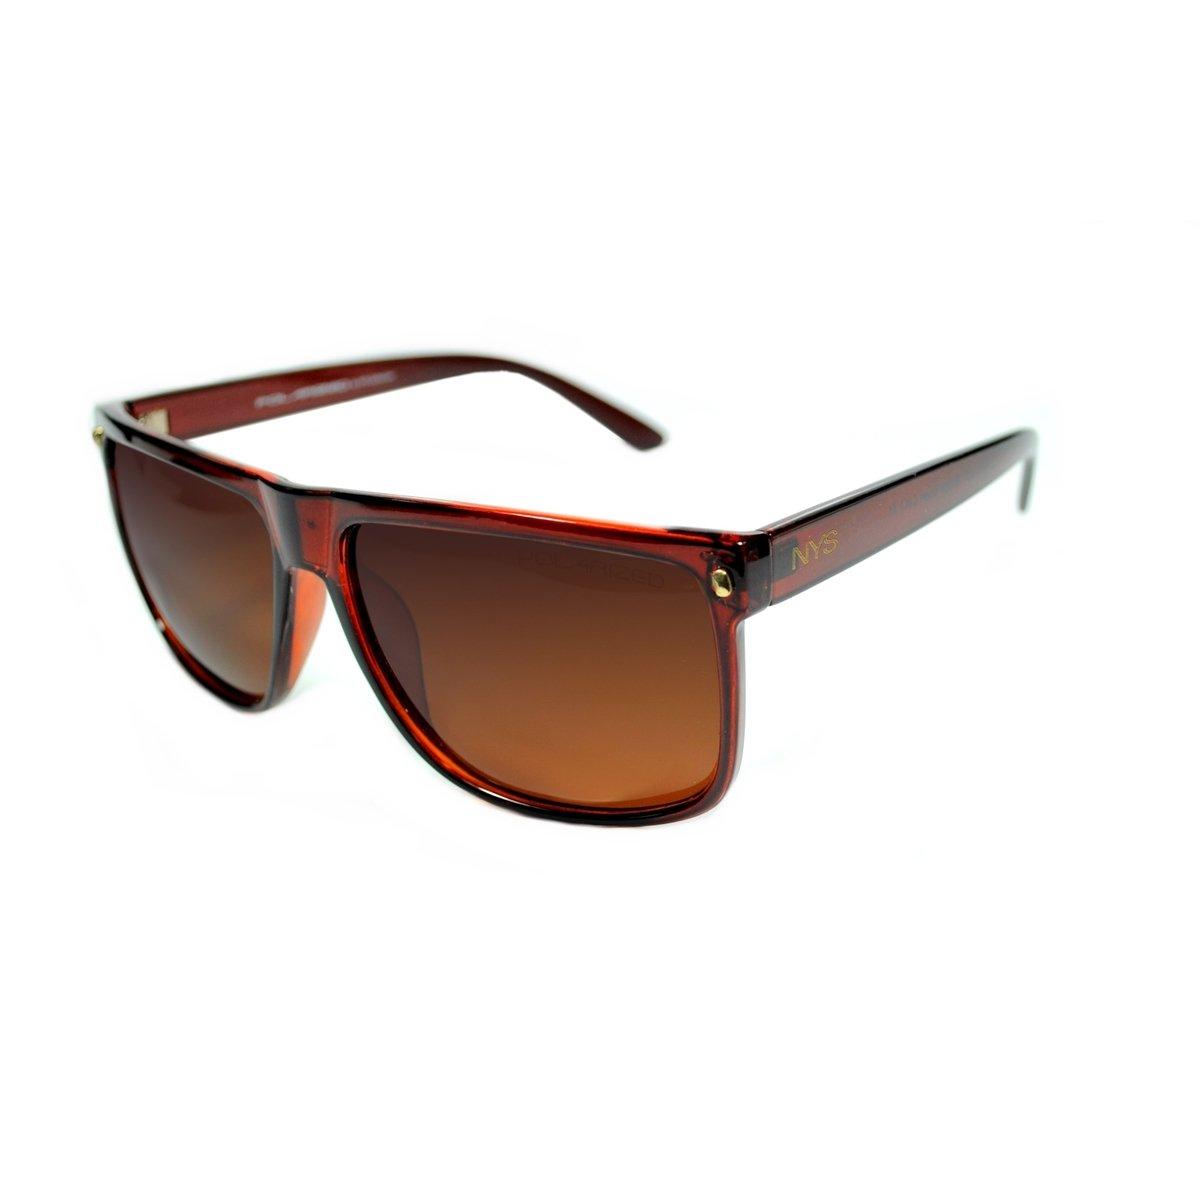 Óculos Nys Signature Polarizado 8607  Óculos Nys Signature Polarizado 8607 f514313c03